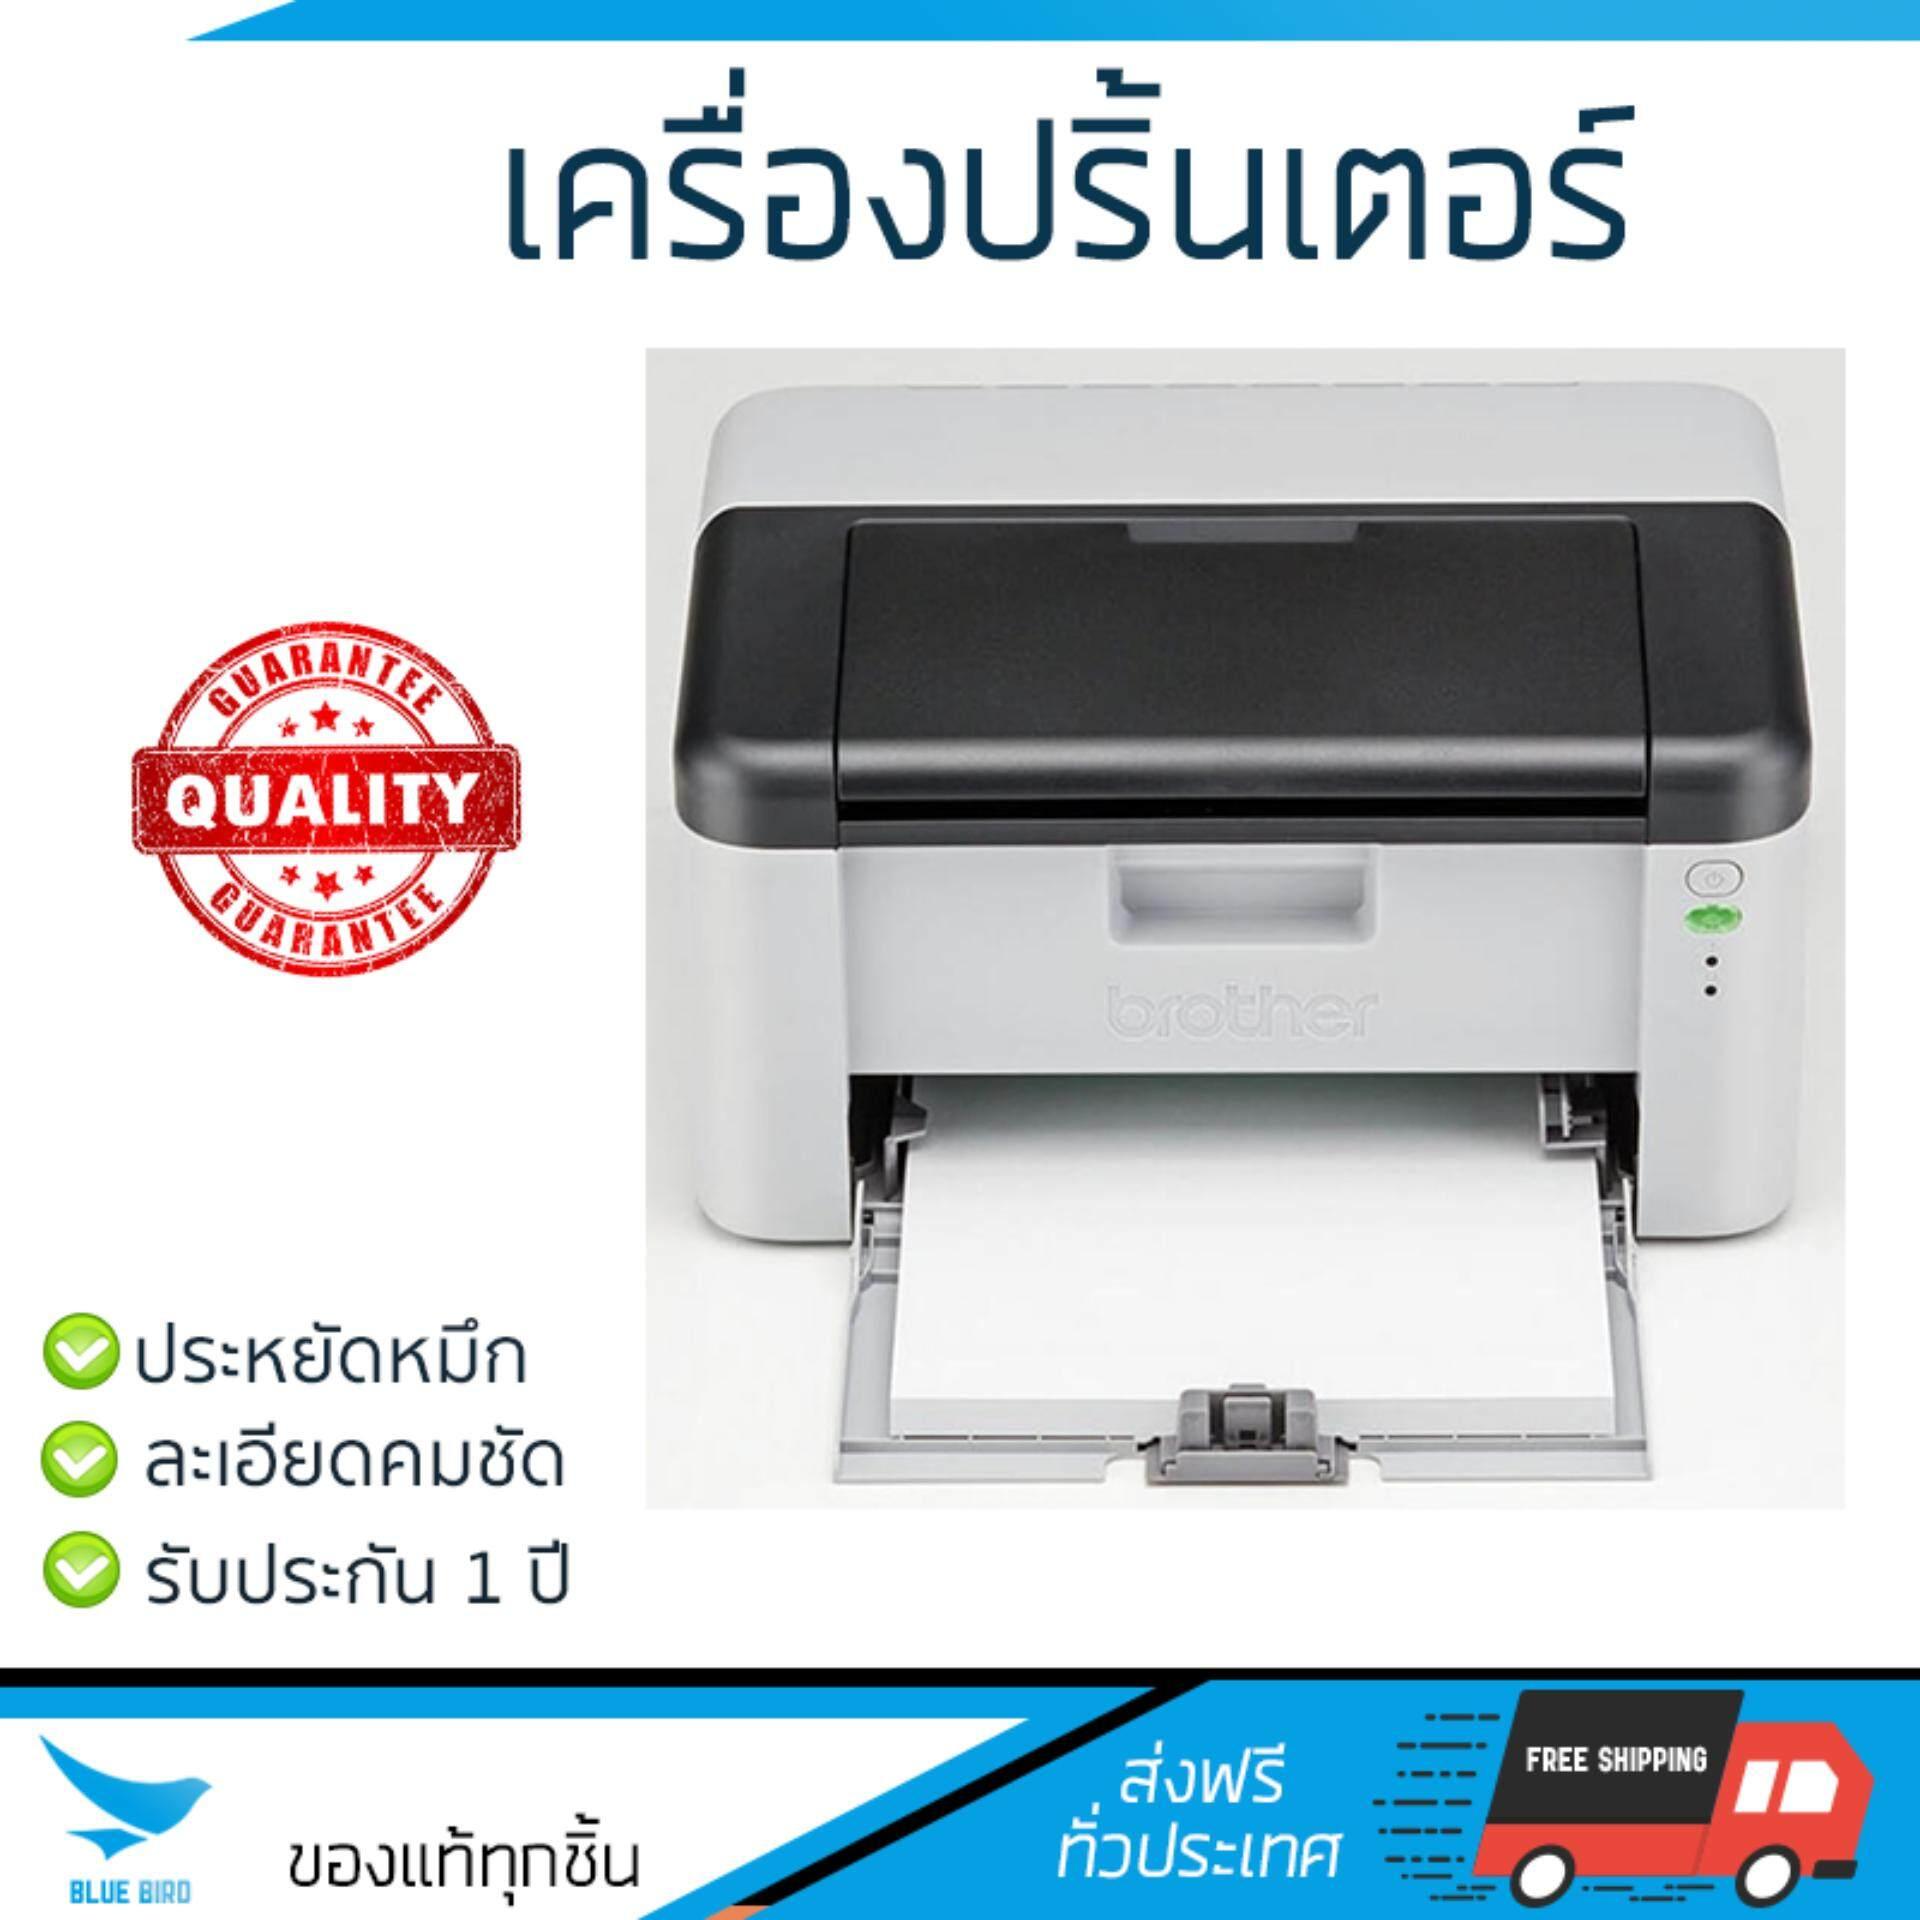 ขายดีมาก! โปรโมชัน เครื่องพิมพ์เลเซอร์           BROTHER ปริ้นเตอร์ เลเซอร์ รุ่น LS HL-1210WIFI             ความละเอียดสูง คมชัด พิมพ์ได้รวดเร็ว เครื่องปริ้น เครื่องปริ้นท์ Laser Printer รับประกันสินค